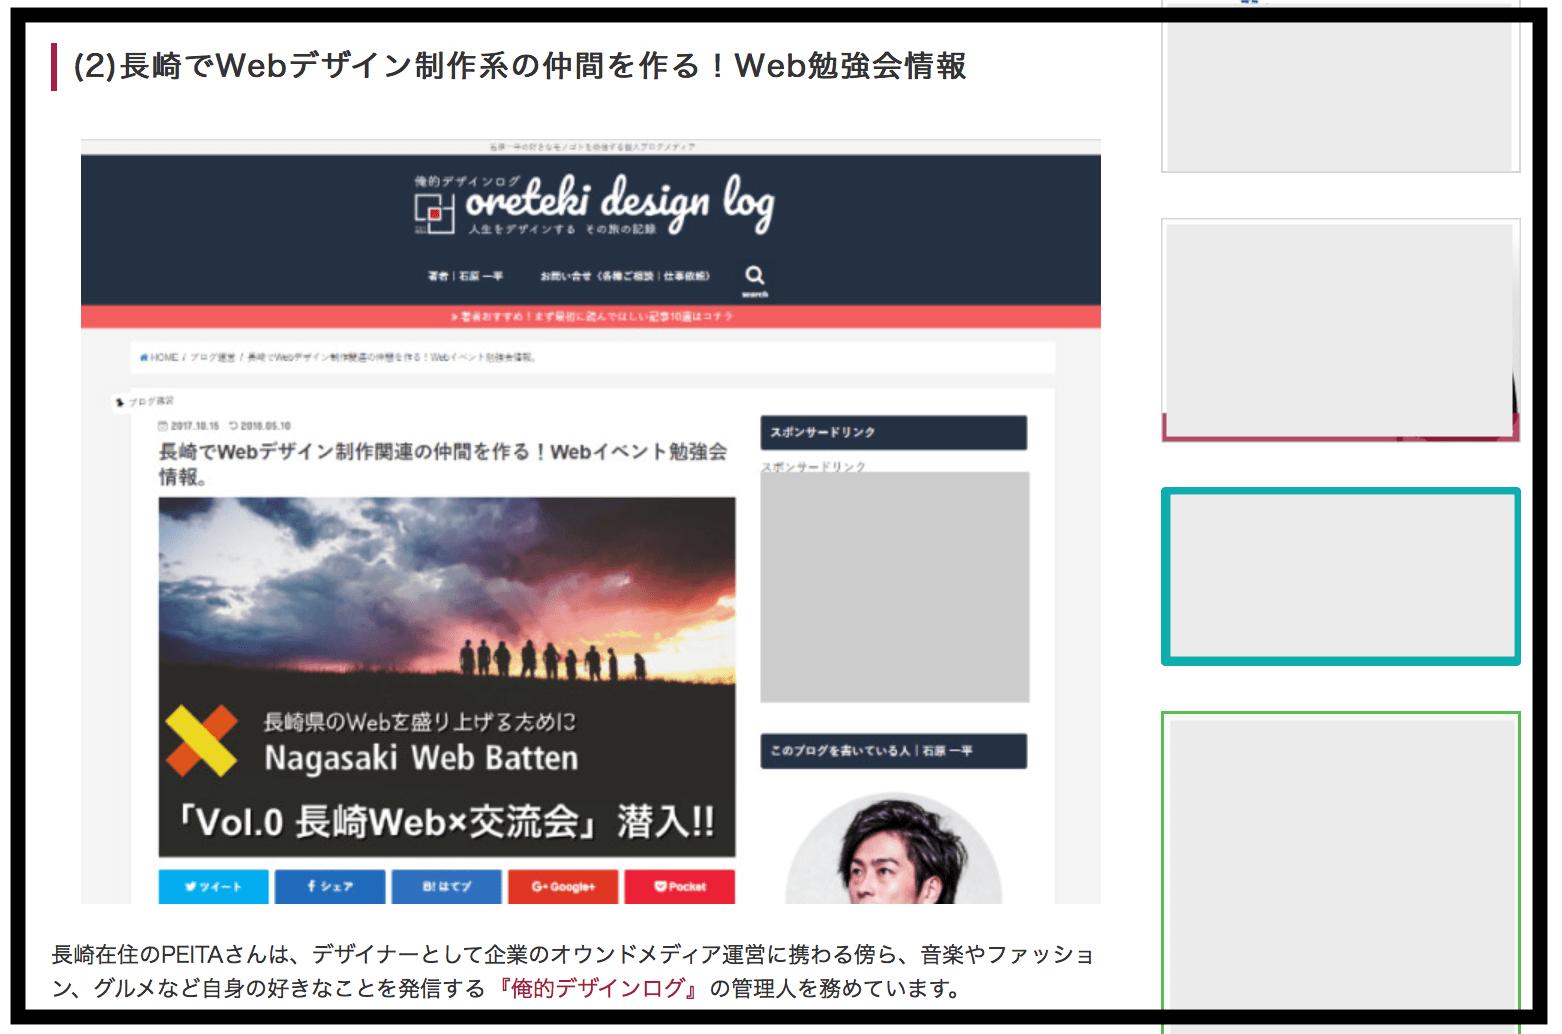 レバテックキャリア 紹介 記事